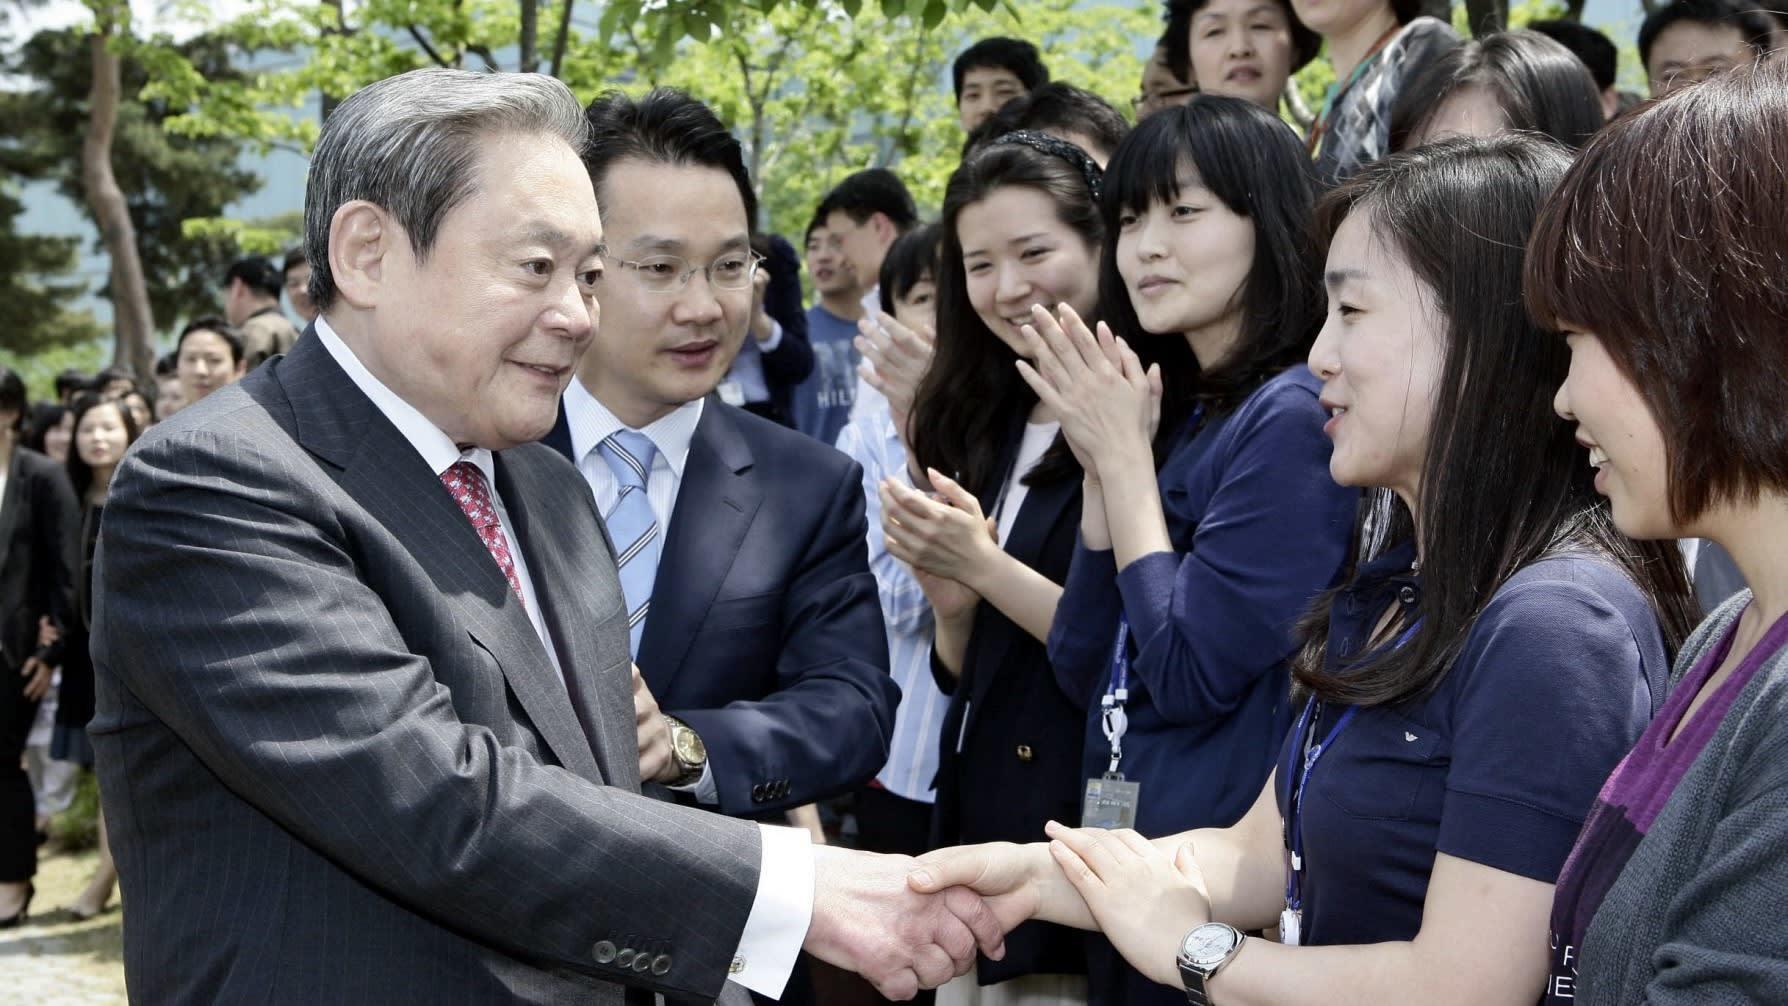 'Đổi việc, không đổi vợ con' và những câu nói nổi tiếng của cố Chủ tịch Samsung